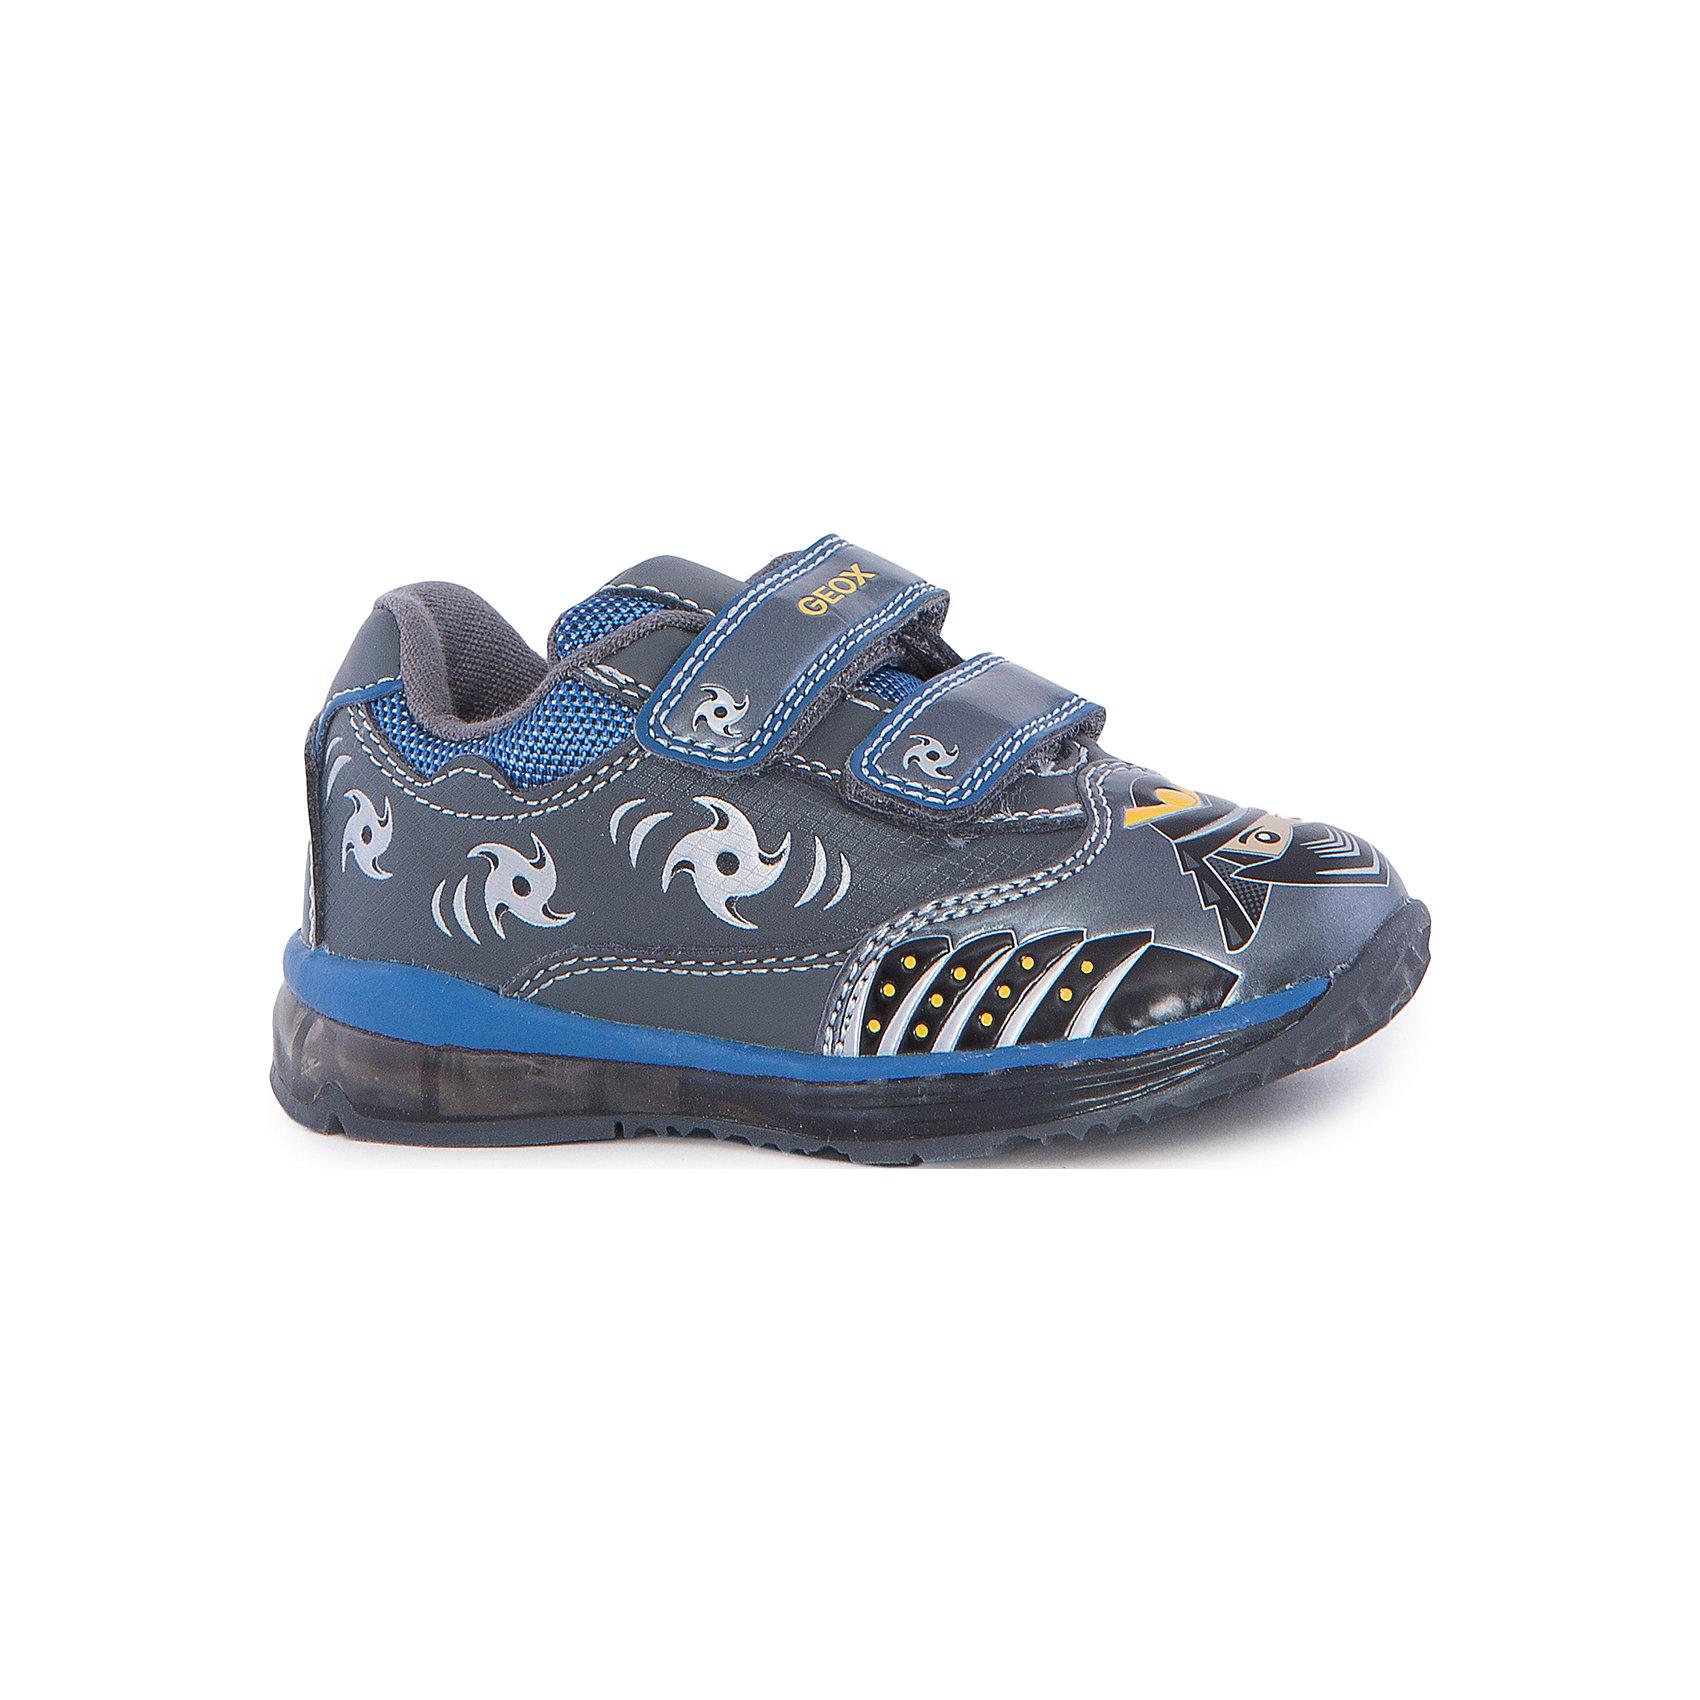 Кроссовки для мальчика GEOXКроссовки<br>Кроссовки для мальчика от знаменитого итальянского бренда взрослой и детской одежды и обуви GEOX (Геокс). Прогулки станут еще веселее! Кроссовки представлены в сером цвете в совмещении с серебристыми, синими и желтыми деталями, на них имеются нашитые озорные ниндзи и рисунки сюрикэнов. Идеальные для игр, кроссовки имеют веселую диодную подсветку в подошве, и когда ребенок наступает на нее, загораются огоньки синего и желтого цвета. Разработанная технология подошвы кроссовок не позволяет им скользить, амортизирует шаги, не пропускает воду и позволяет стопе дышать. Мягкая подошва отлично гнется, обеспечивая безопасность шагов малыша, поддерживая стопу, позволяя стоять более уверенно и оставляя свободу движения. Эргономичная антибактериальная стелька и высокий задник хорошо фиксируют голеностоп и удобны в носке. Внутренний материал позволяют легко надевать и снимать кроссовки, застегивая на две практичные липучки. Кроссовки сохраняют тепло маленьких ножек и оставляют их сухими, позволяя им дышать. <br>Дополнительная информация:<br>- Состав:<br>верх:  93% синтетика, 7% текстиль<br>подкладка: текстиль<br>стелька: натуральная кожа <br>подошва: резина<br>Кроссовки для мальчика GEOX (Геокс) можно купить в нашем магазине.<br>Подробнее:<br>• Для детей в возрасте: от 12 месяцев до 4 лет<br>• Номер товара: 5007826<br>Страна производитель: Китай<br><br>Ширина мм: 250<br>Глубина мм: 150<br>Высота мм: 150<br>Вес г: 250<br>Цвет: серый/синий<br>Возраст от месяцев: 21<br>Возраст до месяцев: 24<br>Пол: Мужской<br>Возраст: Детский<br>Размер: 24,27,23,25,26<br>SKU: 5007826